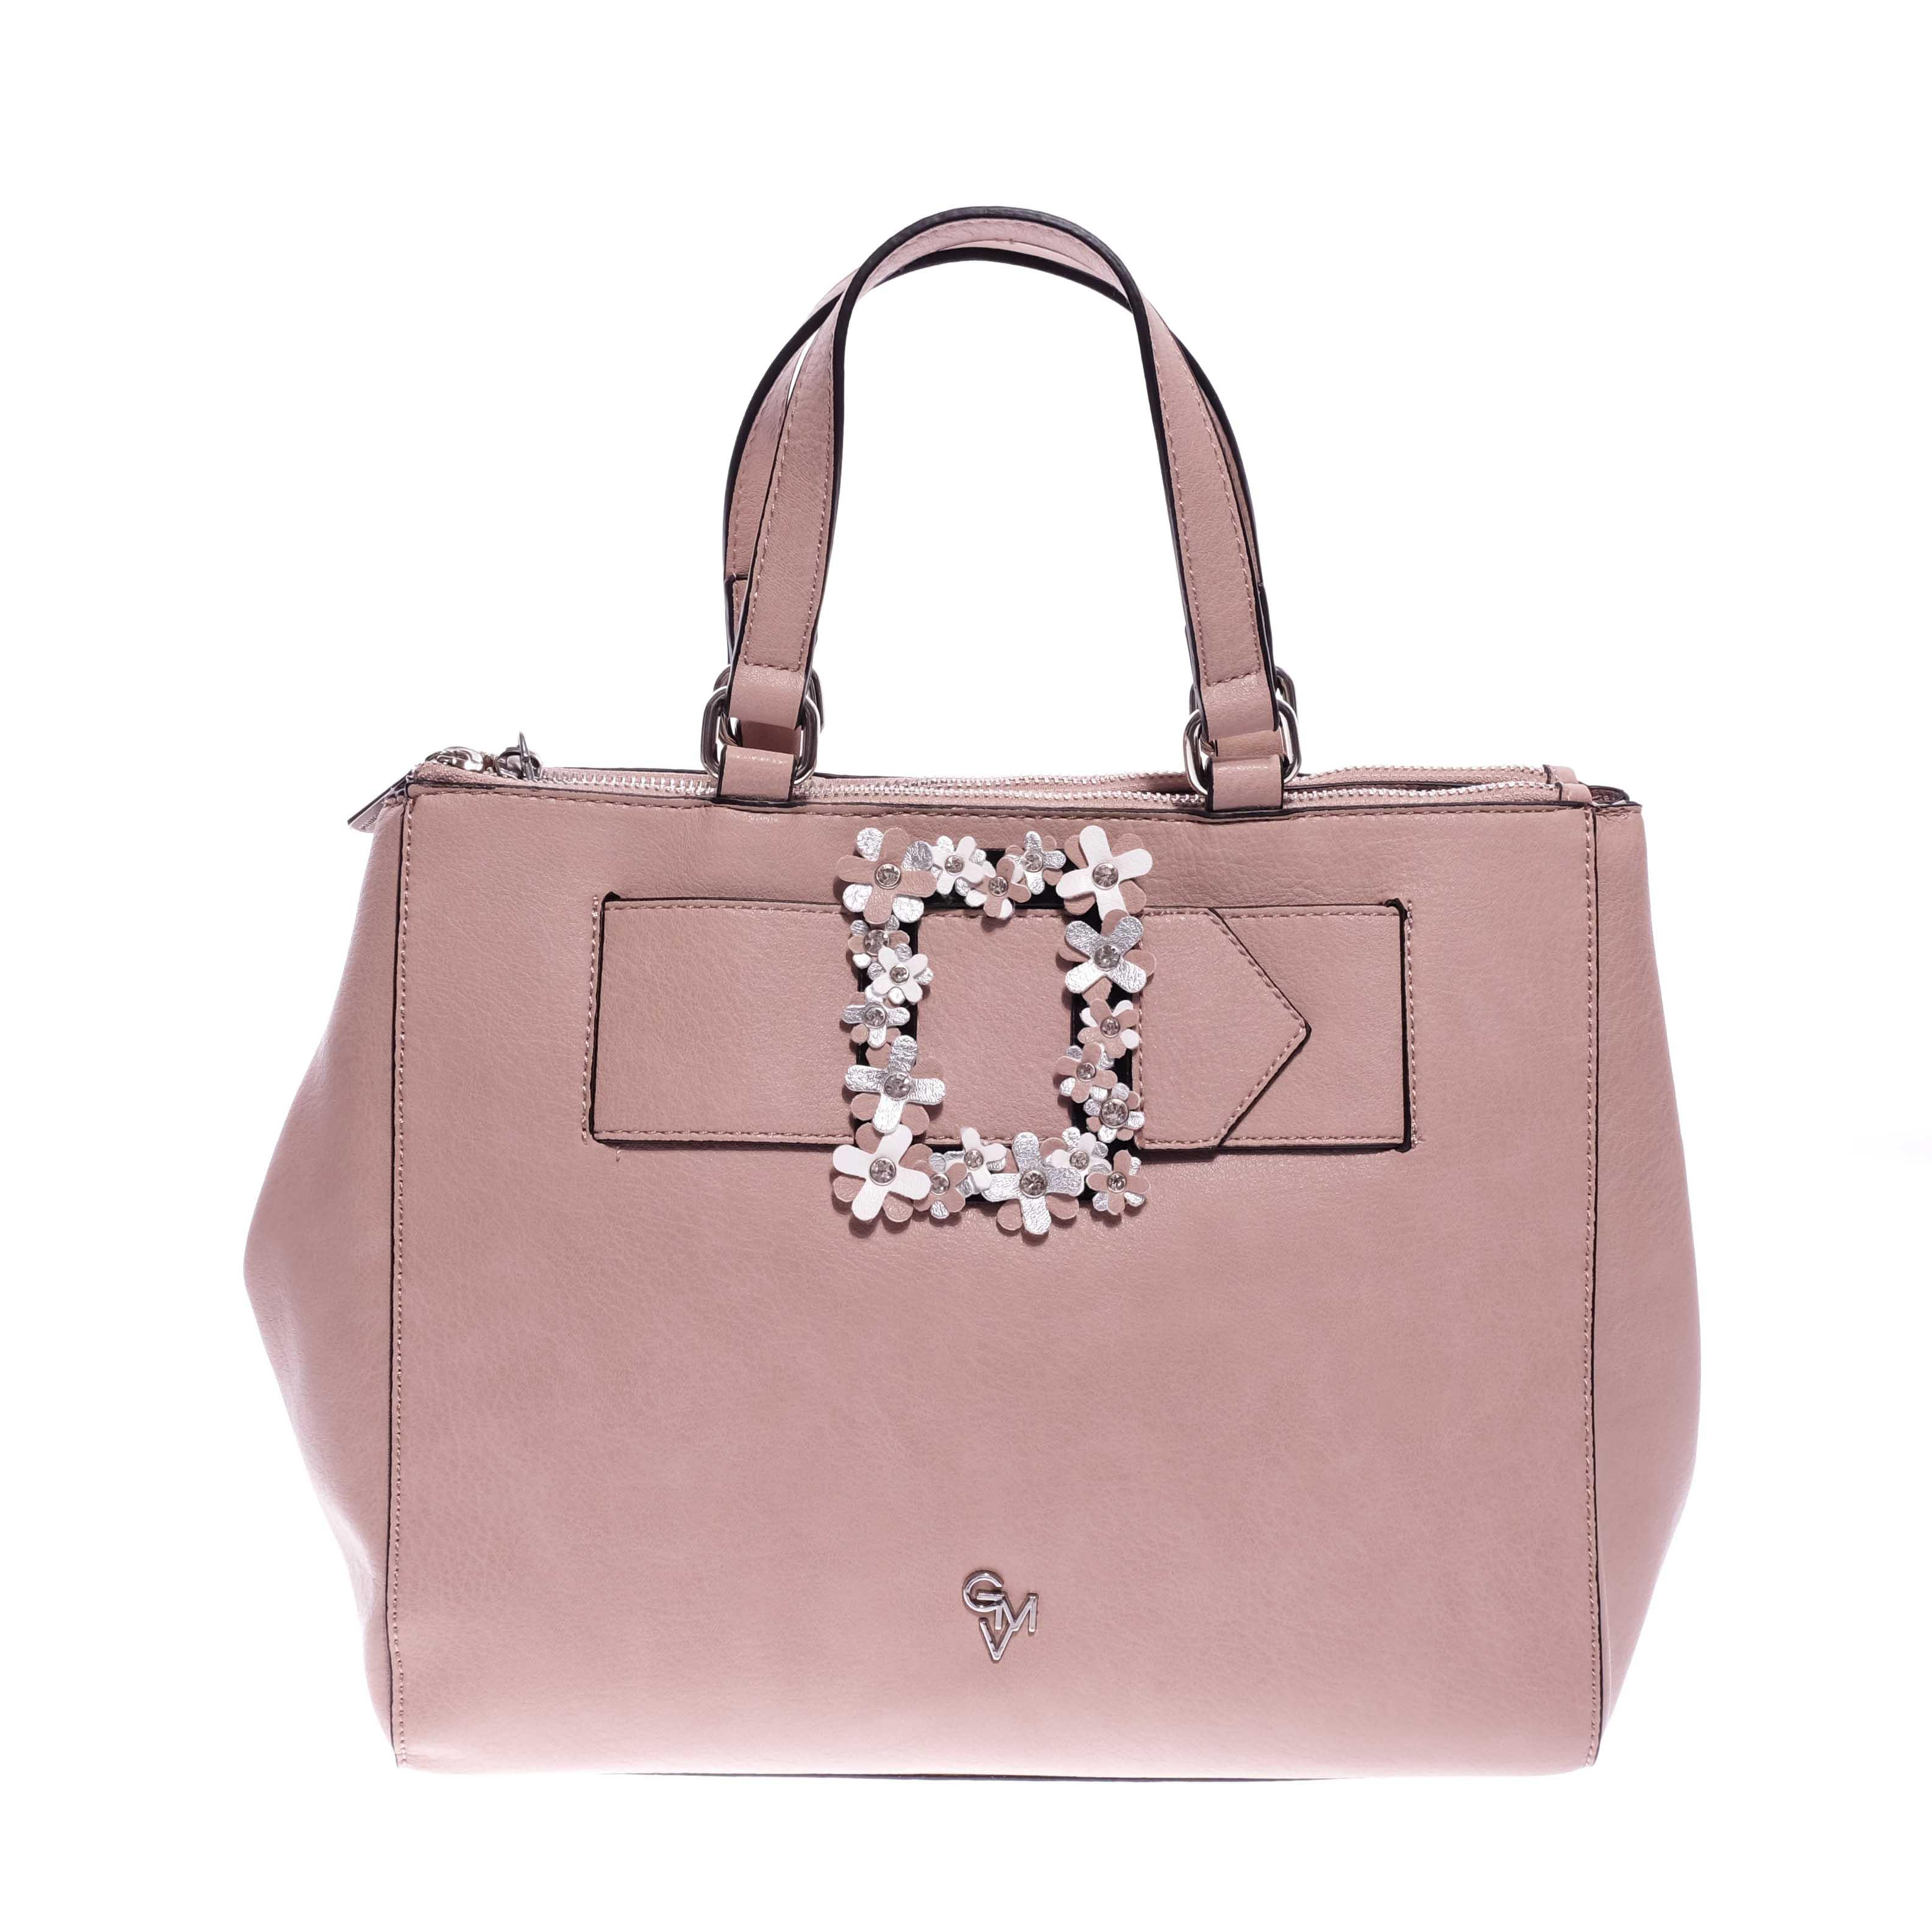 5fd069713222 Gianmarco Venturi Világos Rózsaszín Női Rostbőr Kézitáska - Kézitáskák - Táska  webáruház - Minőségi táskák mindenkinek